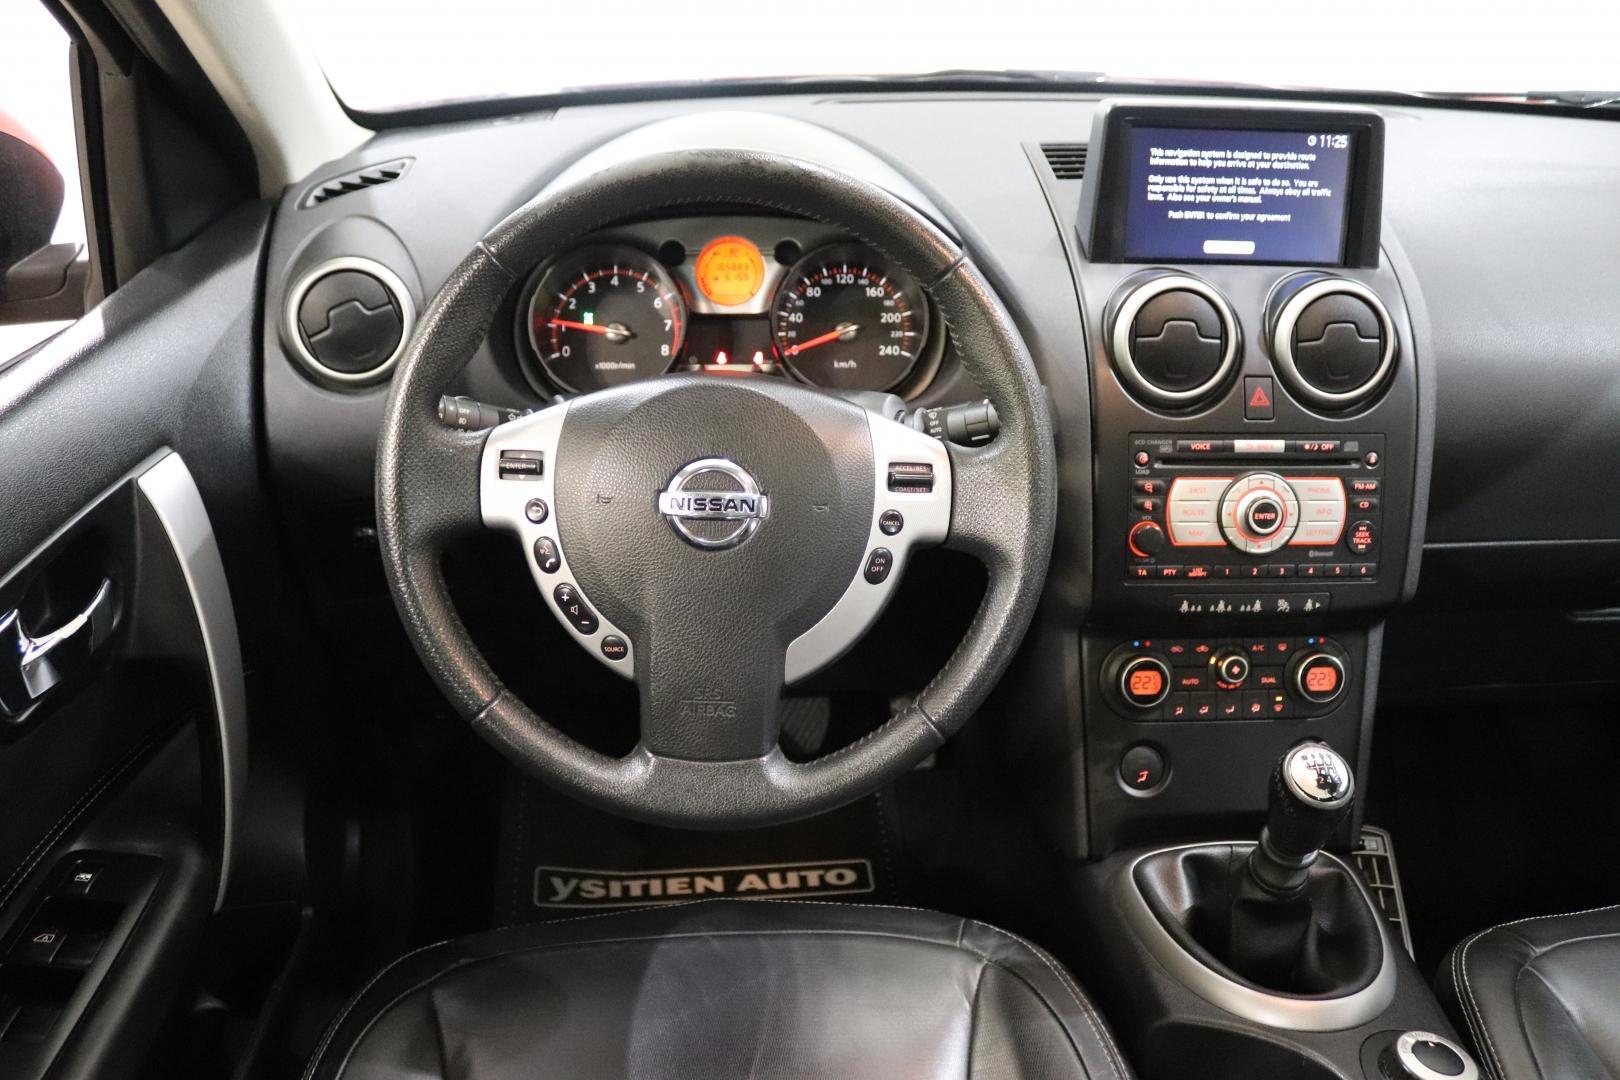 Nissan Qashqai, 2.0 Tekna 4x4 5-ov